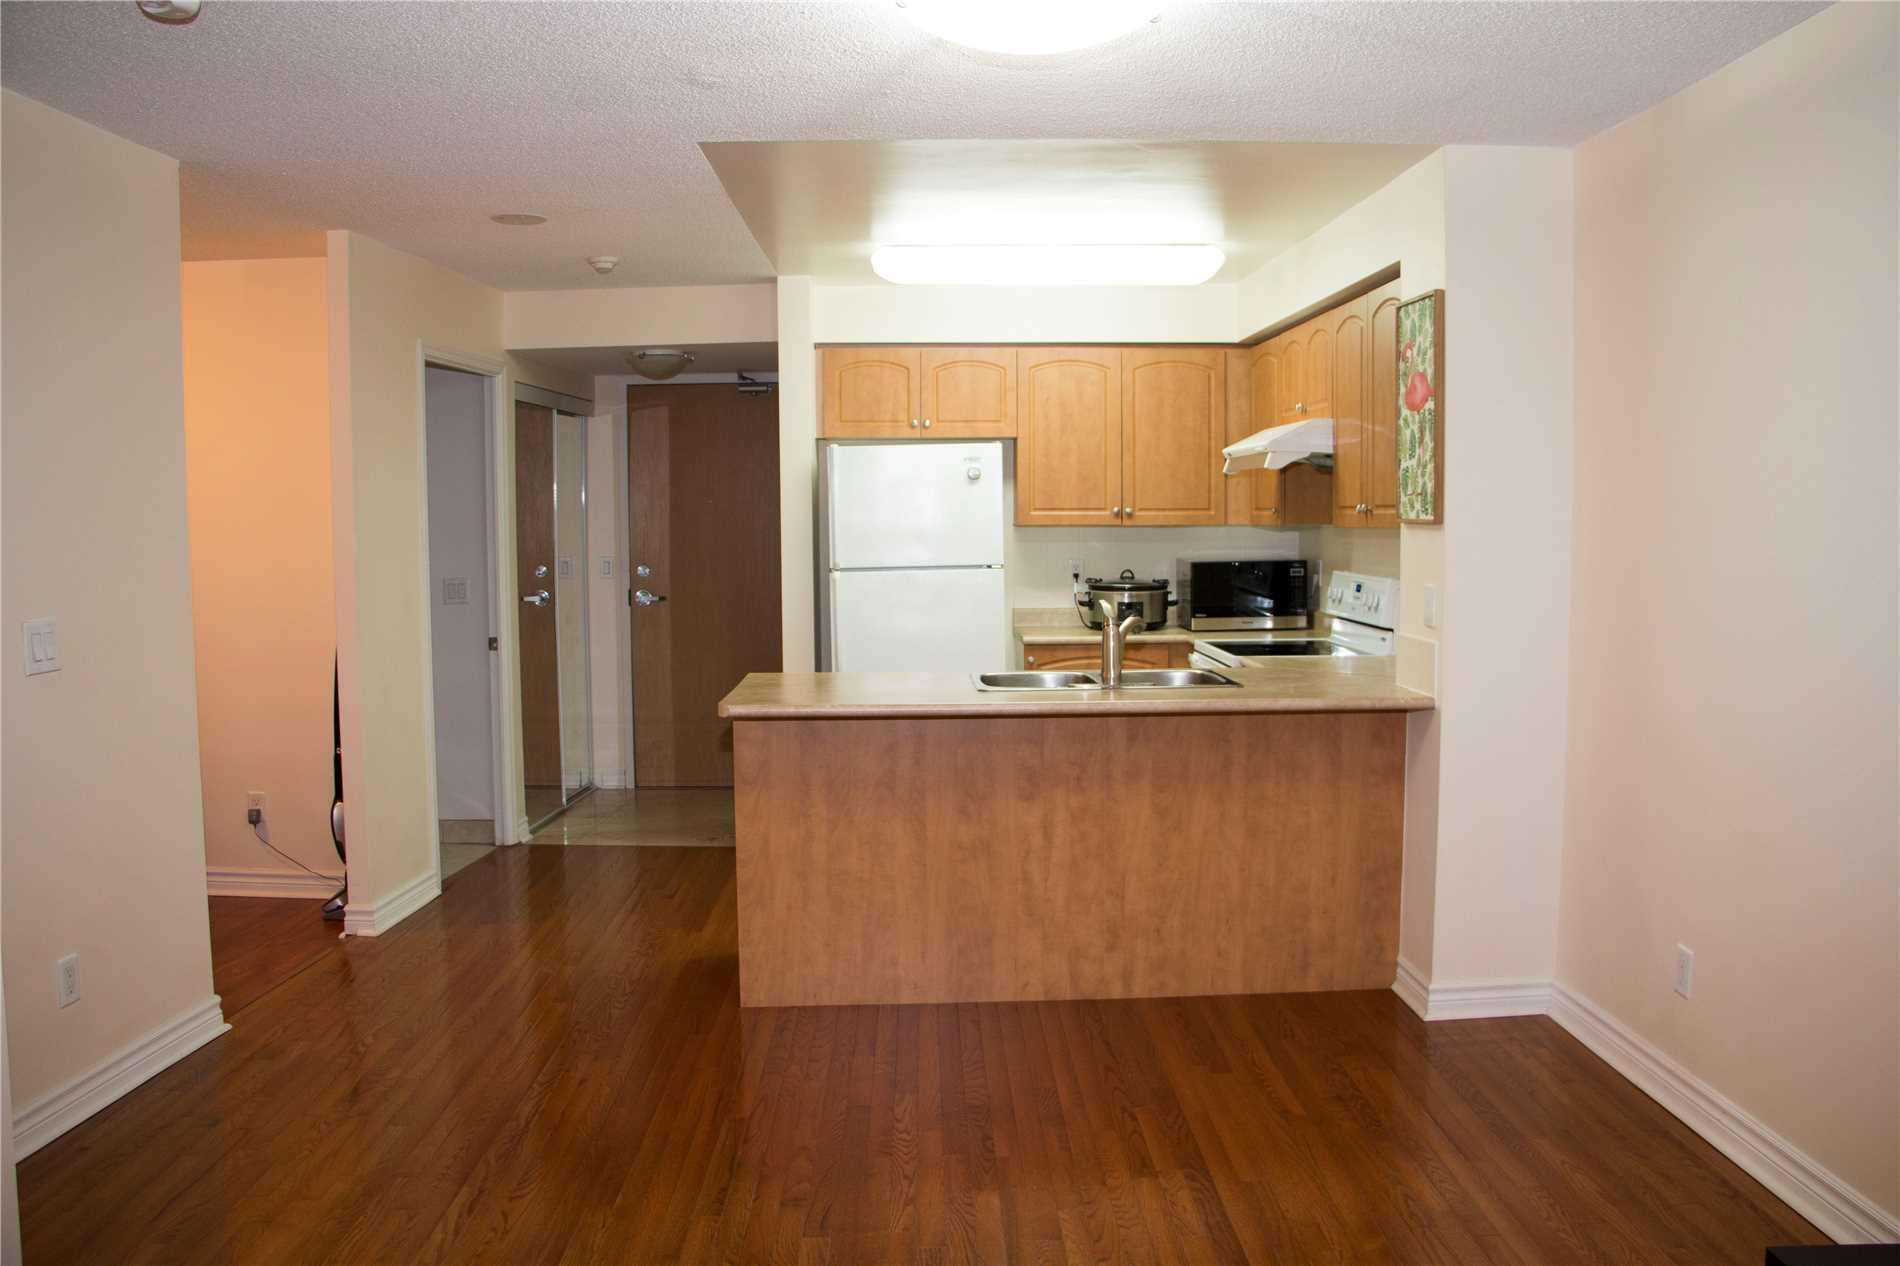 503 Beecroft Rd